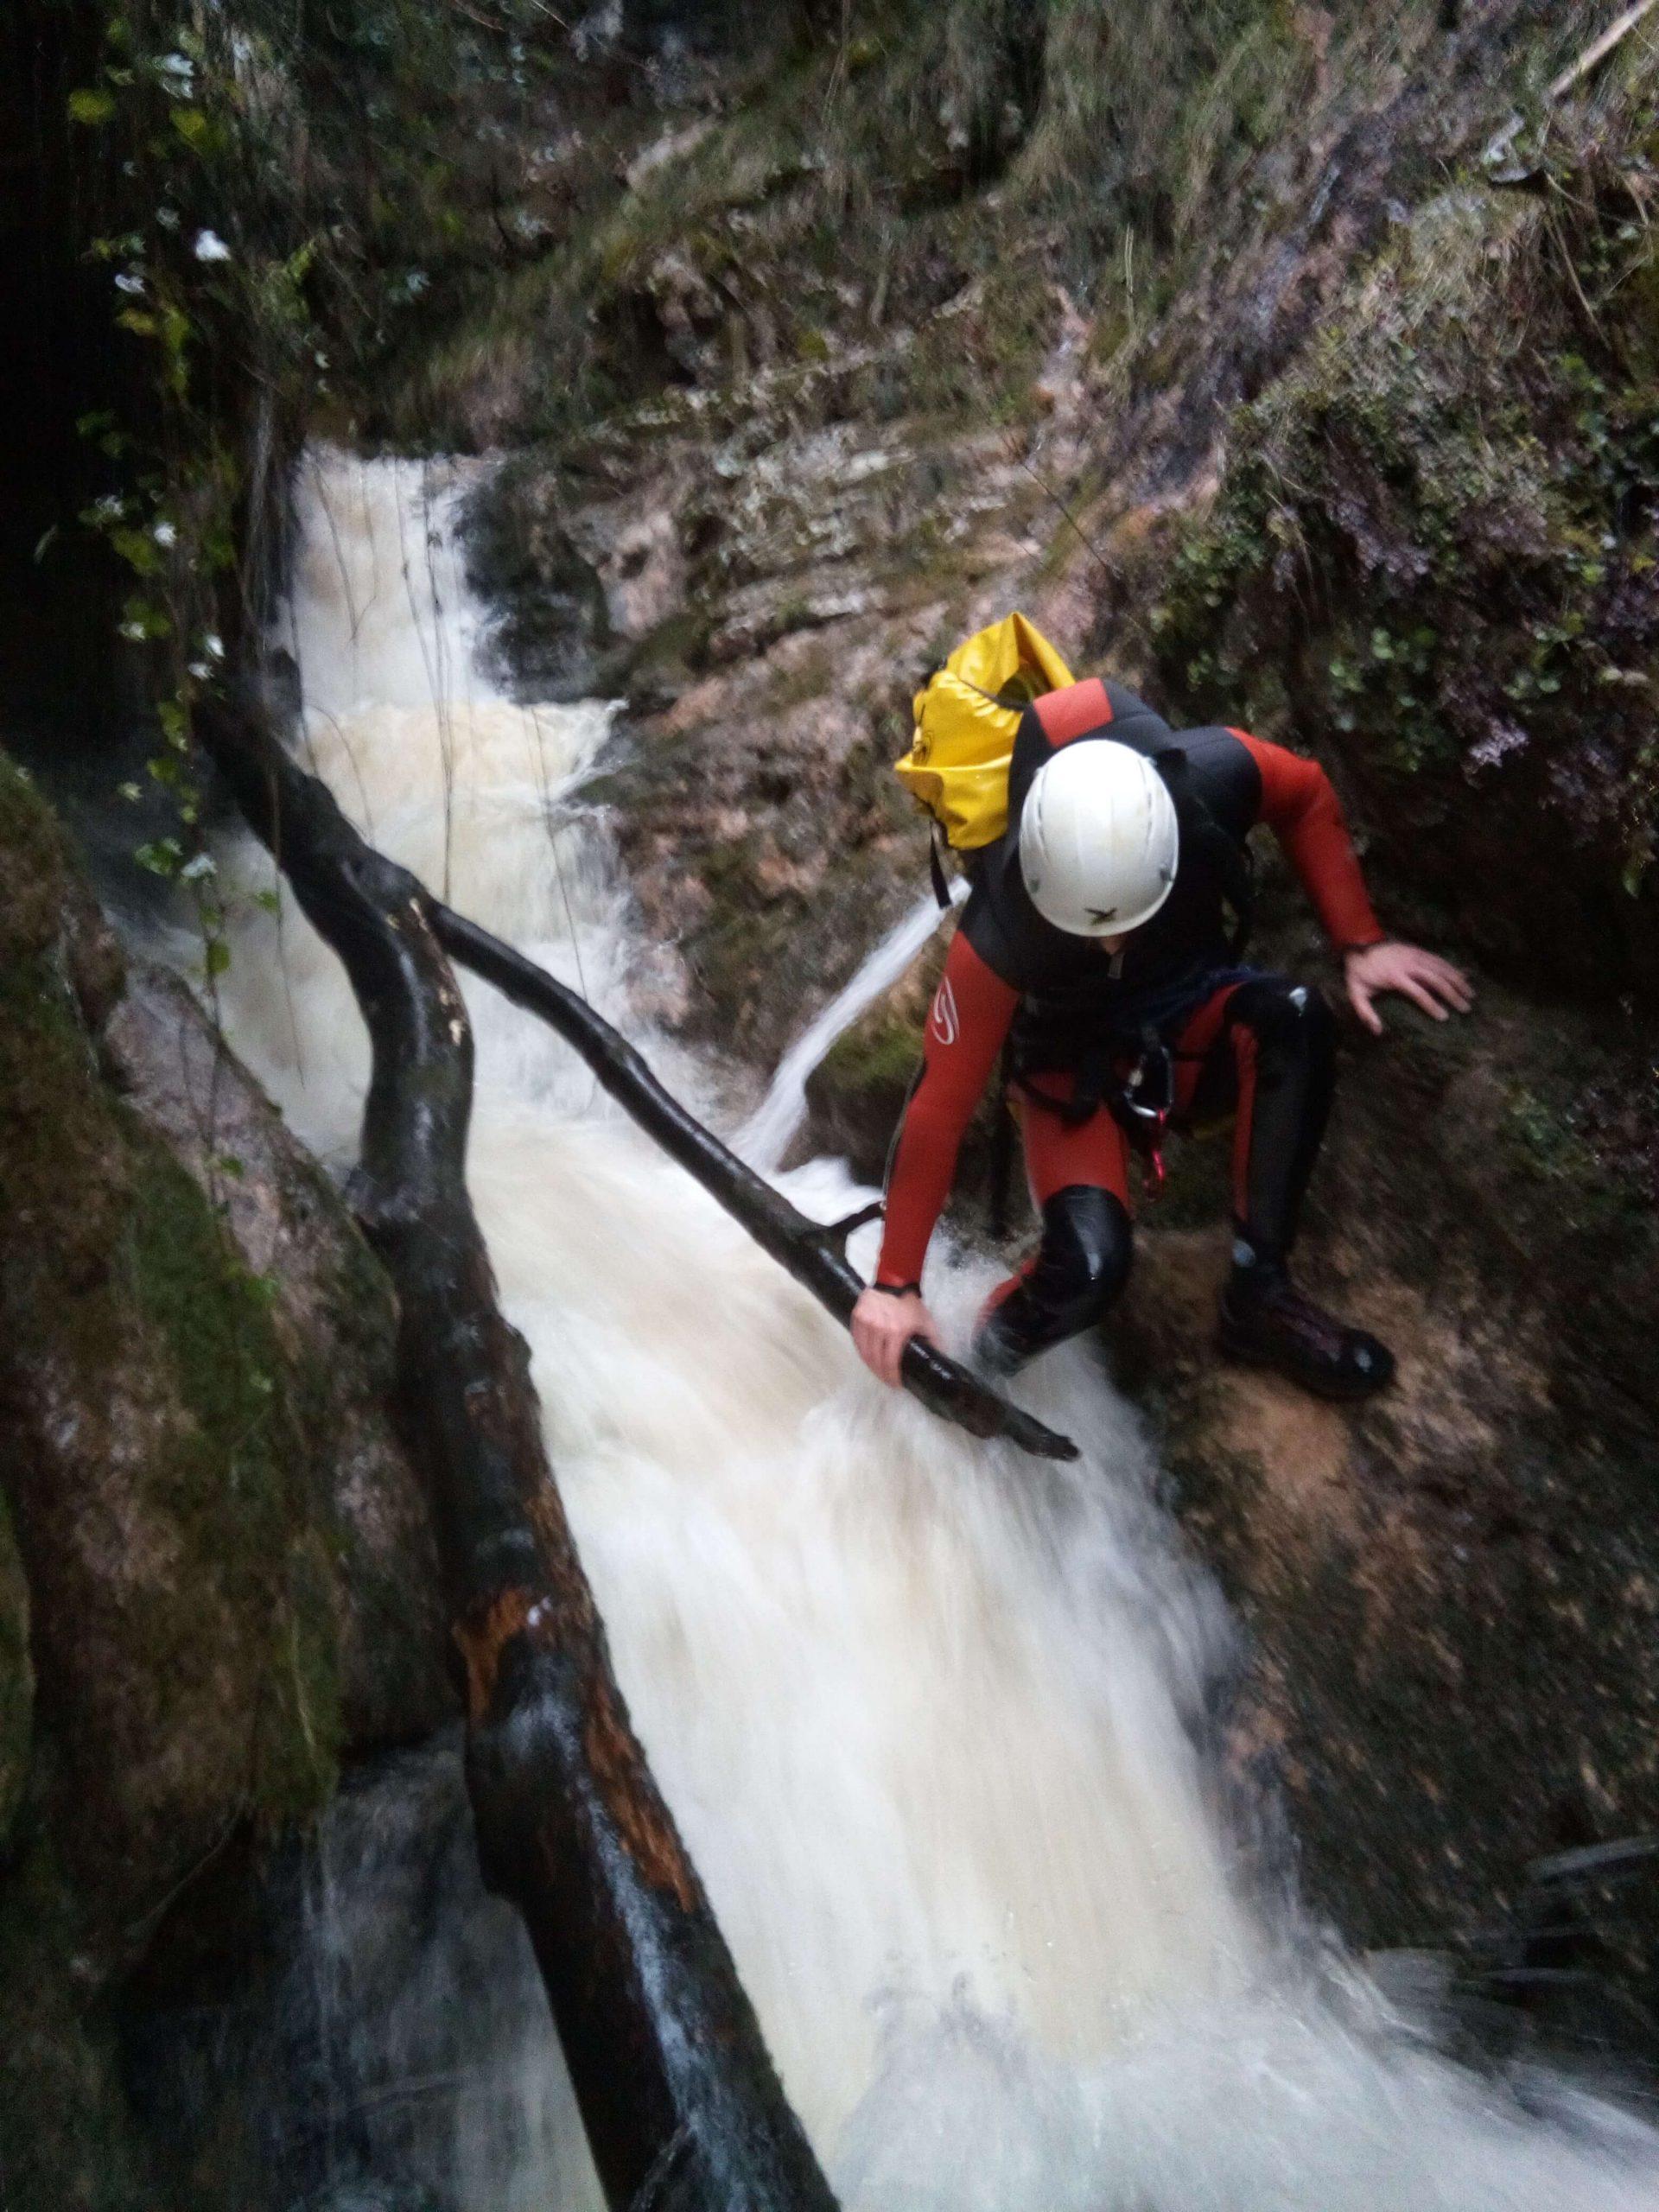 Descenso de cañones en Asturias. La Foz de Arangas | Nivel medio ⭐⭐